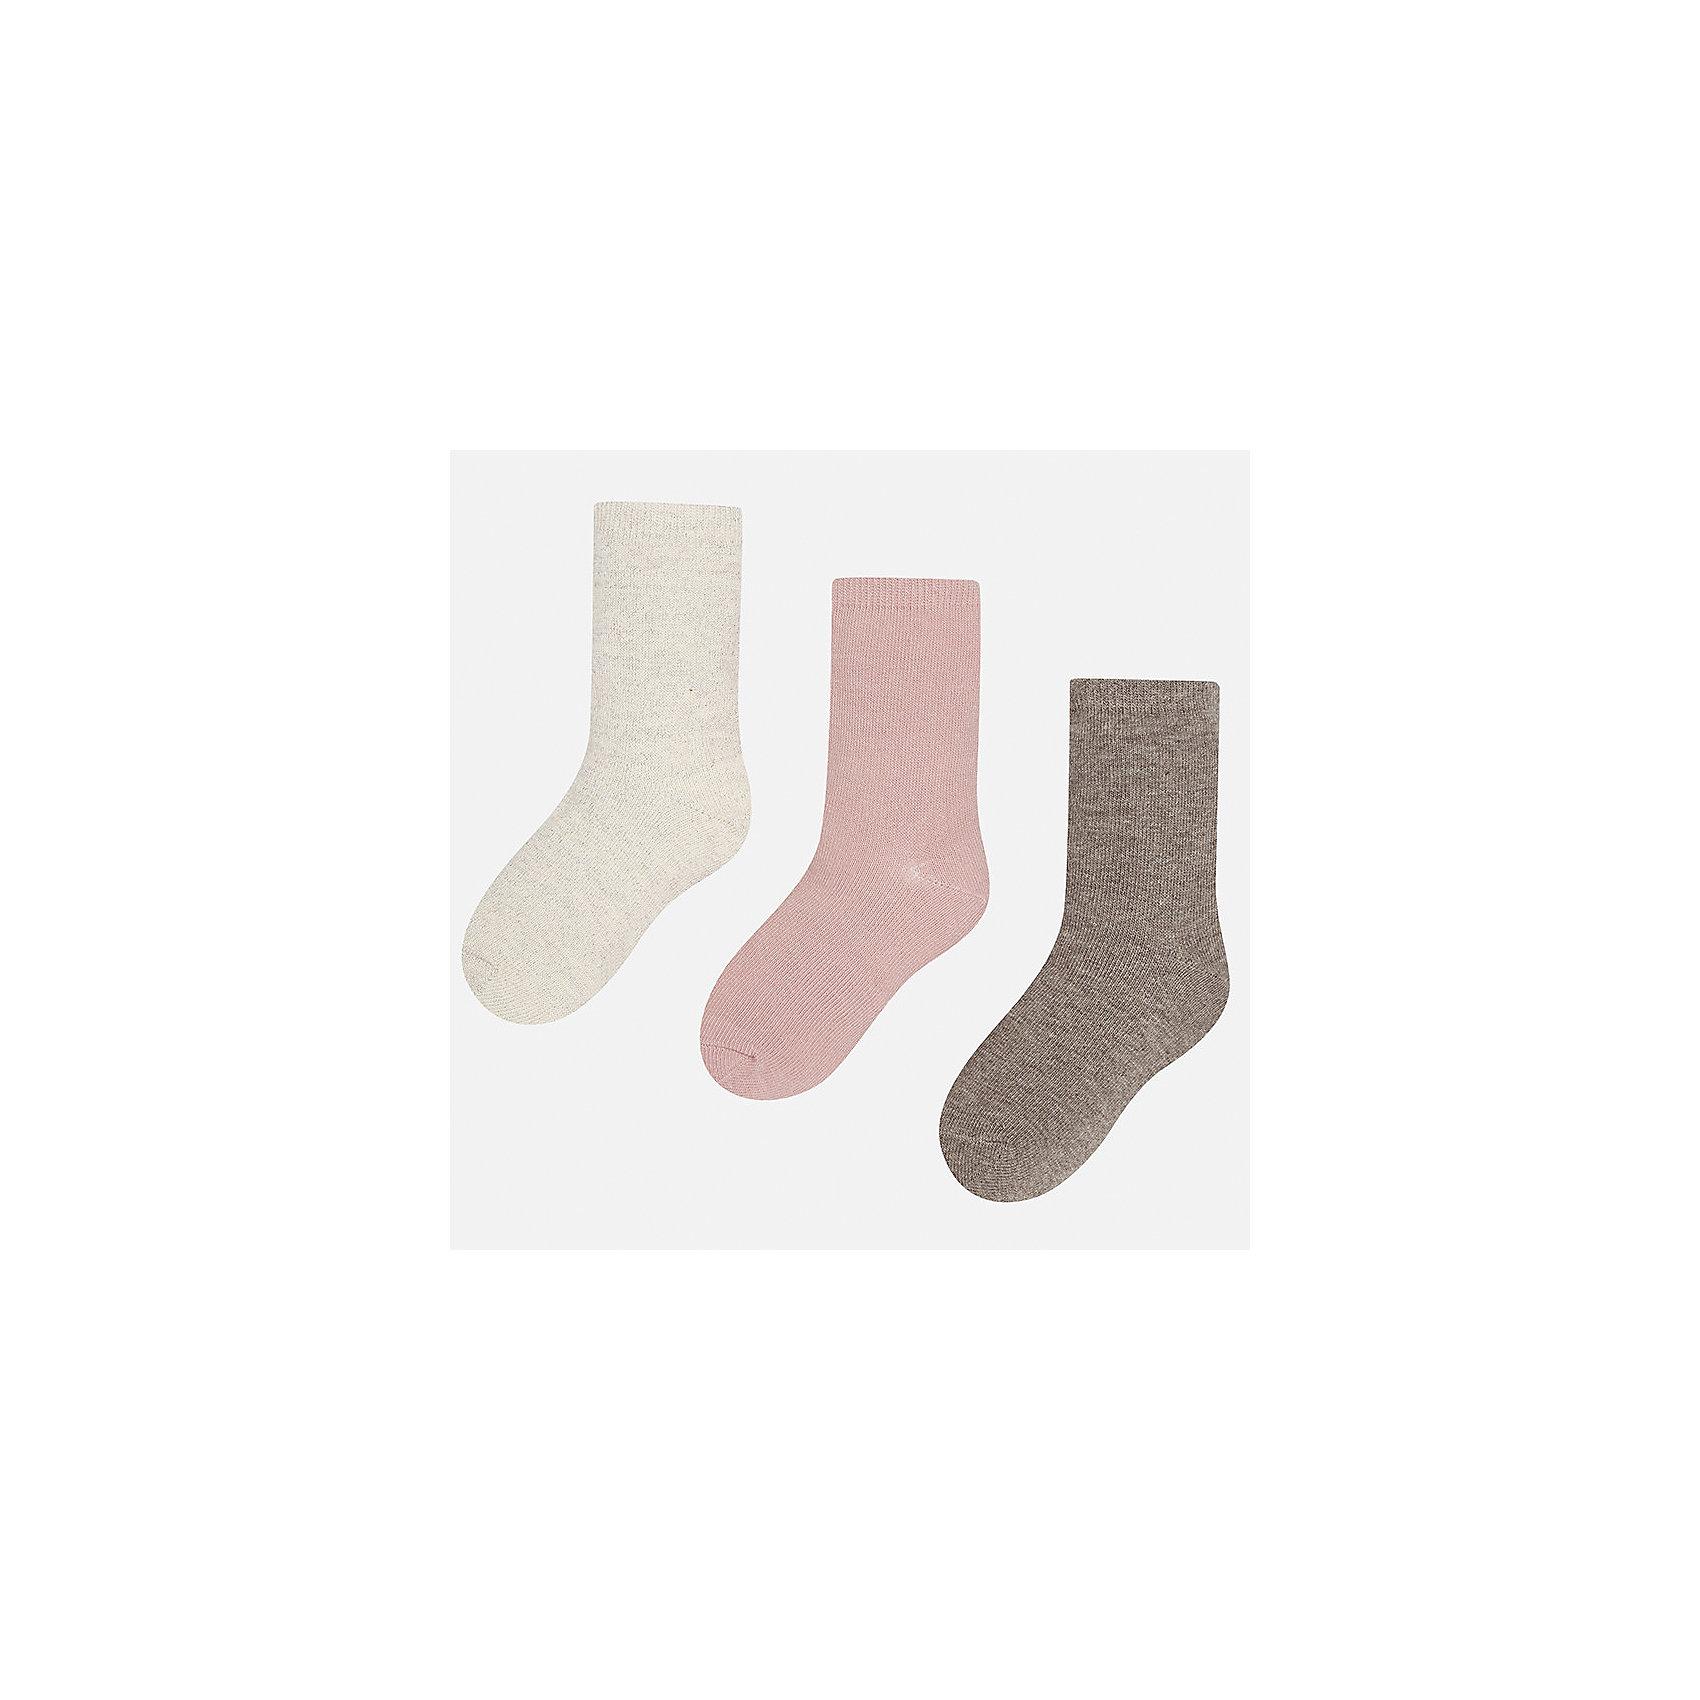 Носки (3 пары) Mayoral для девочкиНоски<br>Характеристики товара:<br><br>• цвет: розовый<br>• состав ткани: 74% хлопок, 20% полиэстер, 3% полиамид, 3% эластан<br>• сезон: круглый год<br>• комплектация: 3 пары<br>• страна бренда: Испания<br>• страна изготовитель: Индия<br><br>Три пары разноцветных носков от Mayoral обеспечат ребенку тепло и комфорт. Носки для девочки от Майорал аккуратно смотрятся, они не давят на ногу и хорошо держатся благодаря мягкой резинке и качественному материалу. <br><br>Детская одежда от испанской компании Mayoral отличаются оригинальным и всегда стильным дизайном. Качество продукции неизменно очень высокое.<br><br>Носки (3 пары) для девочки Mayoral (Майорал) можно купить в нашем интернет-магазине.<br><br>Ширина мм: 87<br>Глубина мм: 10<br>Высота мм: 105<br>Вес г: 115<br>Цвет: розовый<br>Возраст от месяцев: 216<br>Возраст до месяцев: 1188<br>Пол: Женский<br>Возраст: Детский<br>Размер: 41/42,33-35,35/36,36/37,37/38,38/39<br>SKU: 6925679